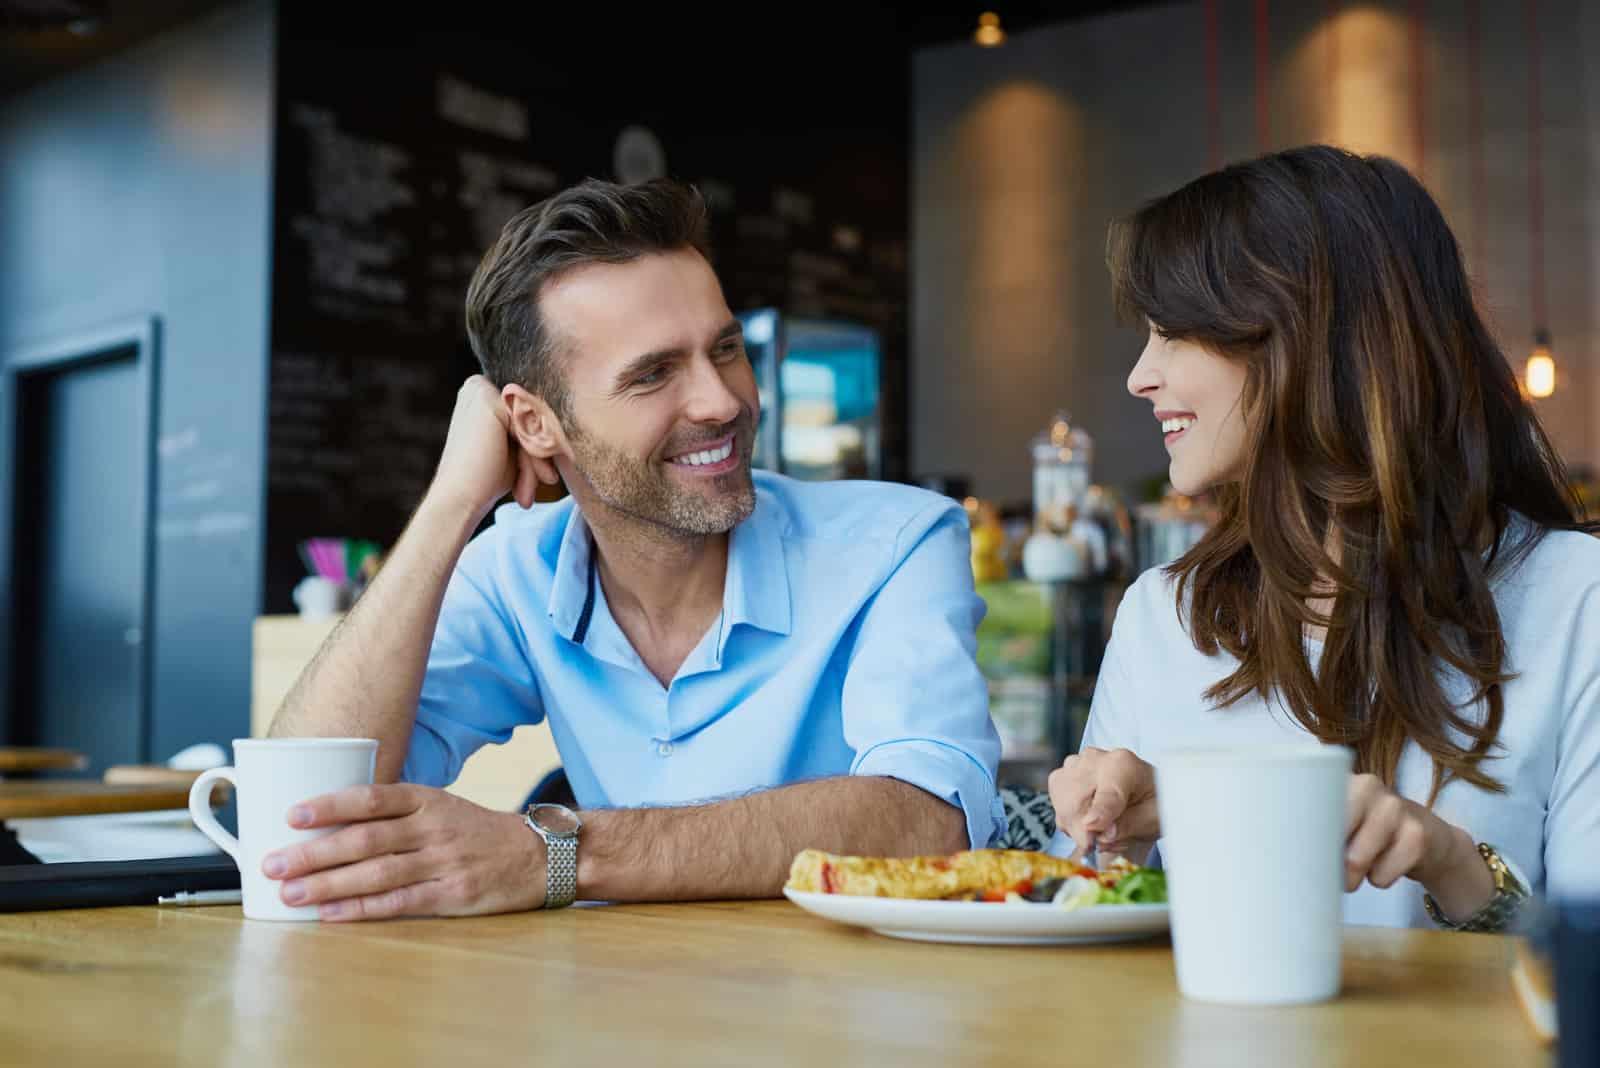 un homme et une femme s'assoient à une table et se regardent et rient